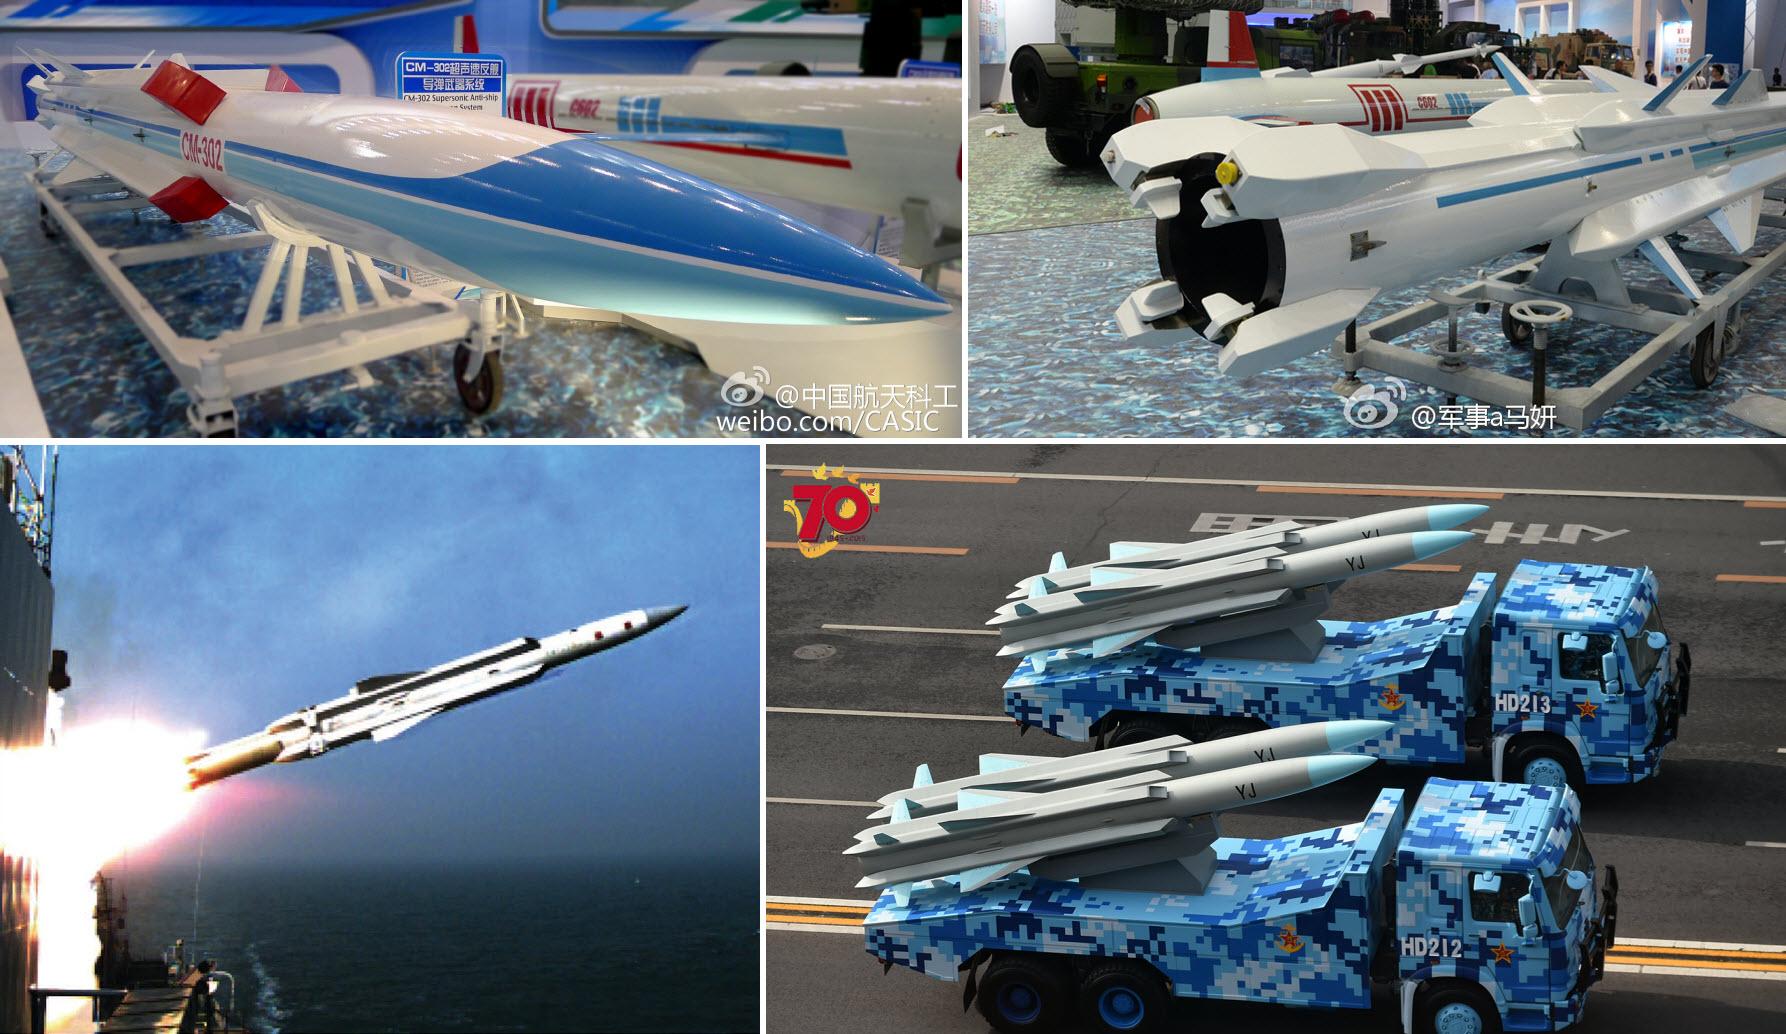 Le CM-302 (en haut) et le YJ-12A de la marine chinoise, le premier est intéressé par l'Arabie Saoudite